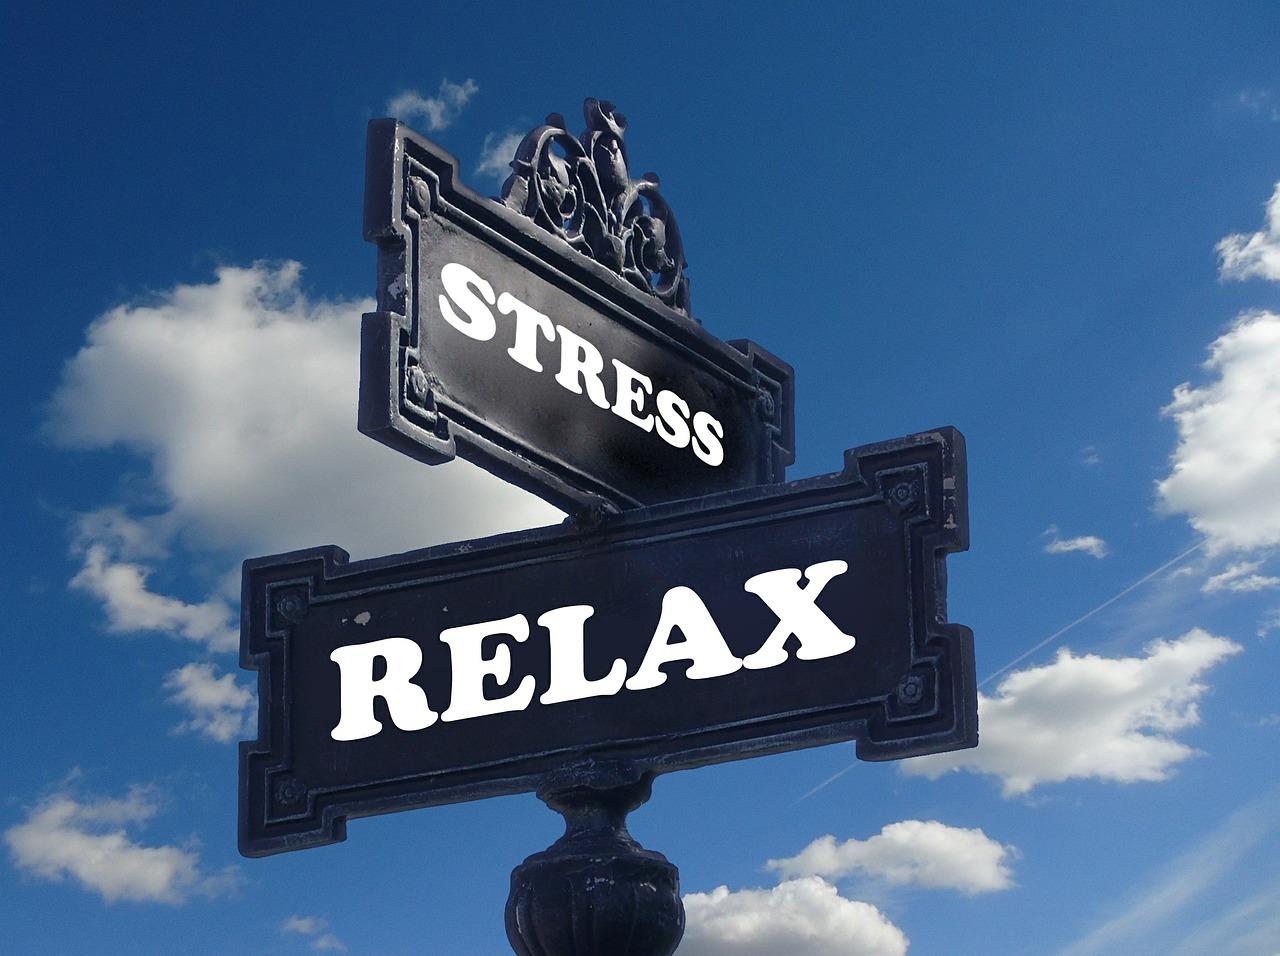 ストレス, リラクゼーション, リラックス, 単語, 電圧, バーンアウト, 頭痛, 心理学, 心理療法